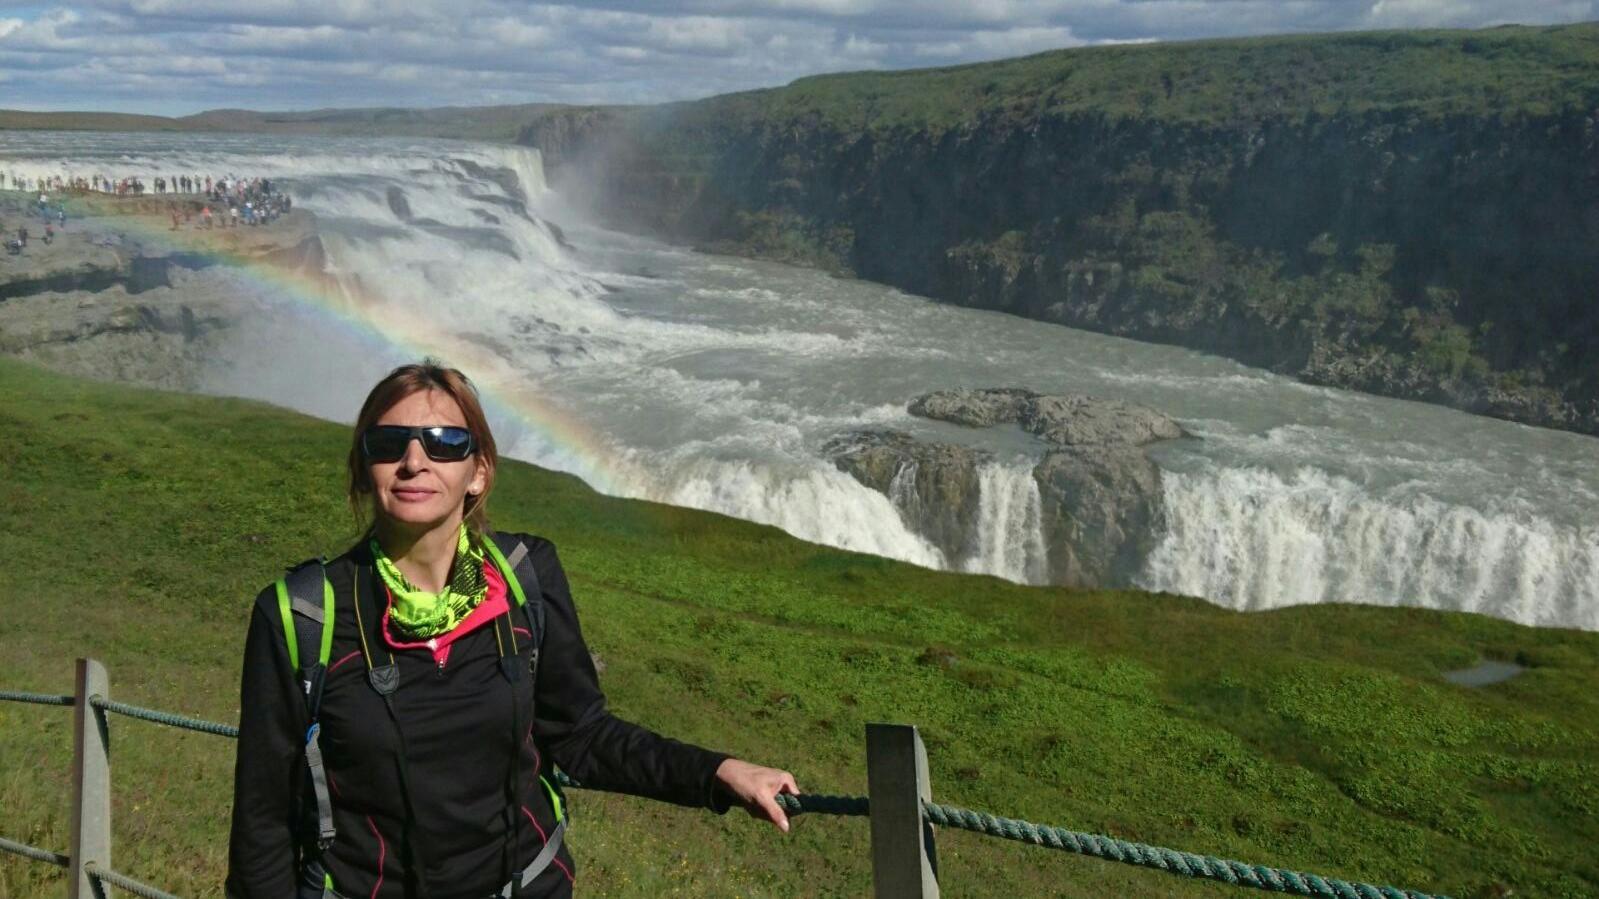 Gloria junto a la espectacular catarata Gullfos en Islandia.